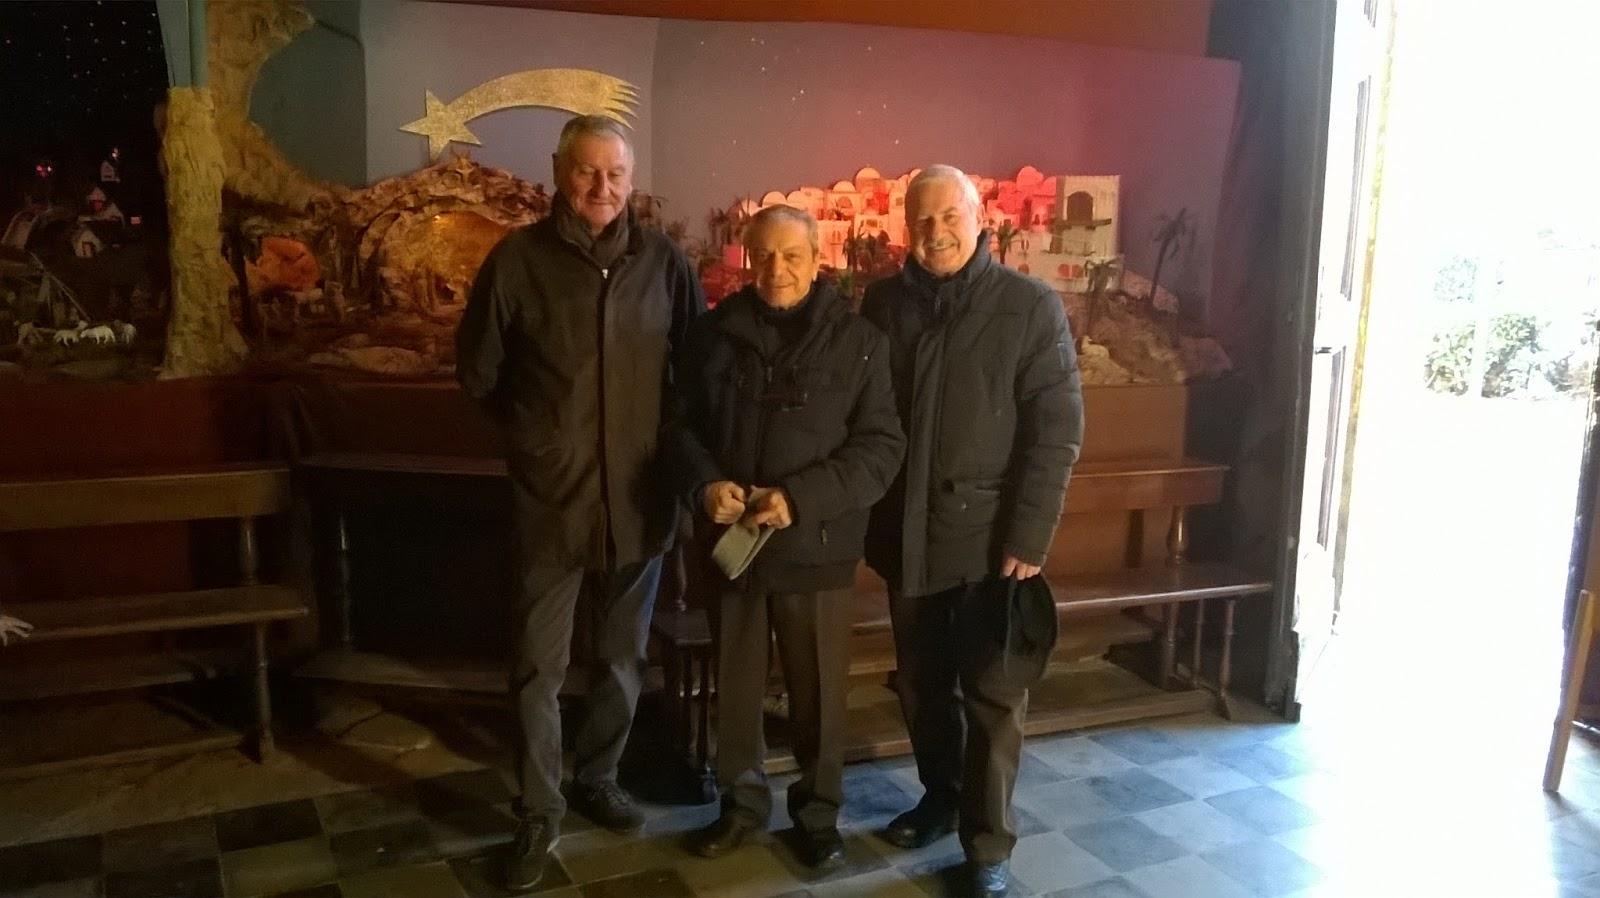 d92d10b817 Borgaro – Inaugurato il Presepe Meccanico nella Cappella dei Ss Cosma e  Damiano.